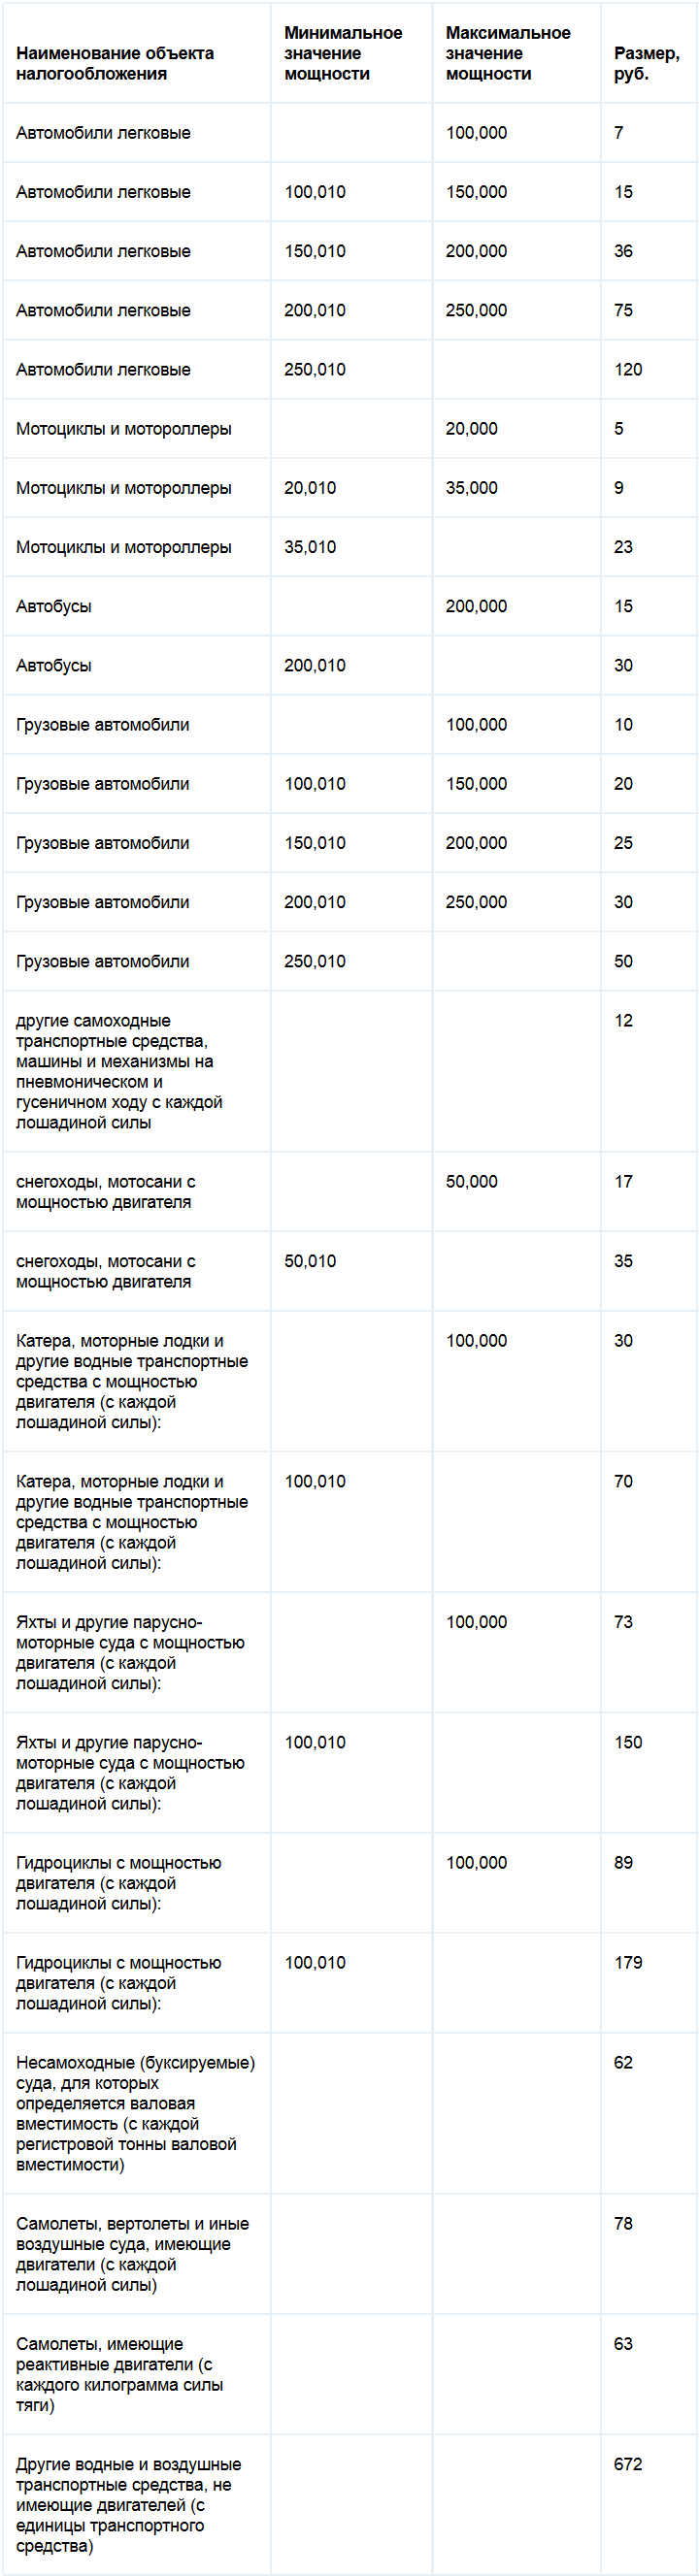 Ставки по транспортному налогу карелия конкурс прогнозов на спорт фм